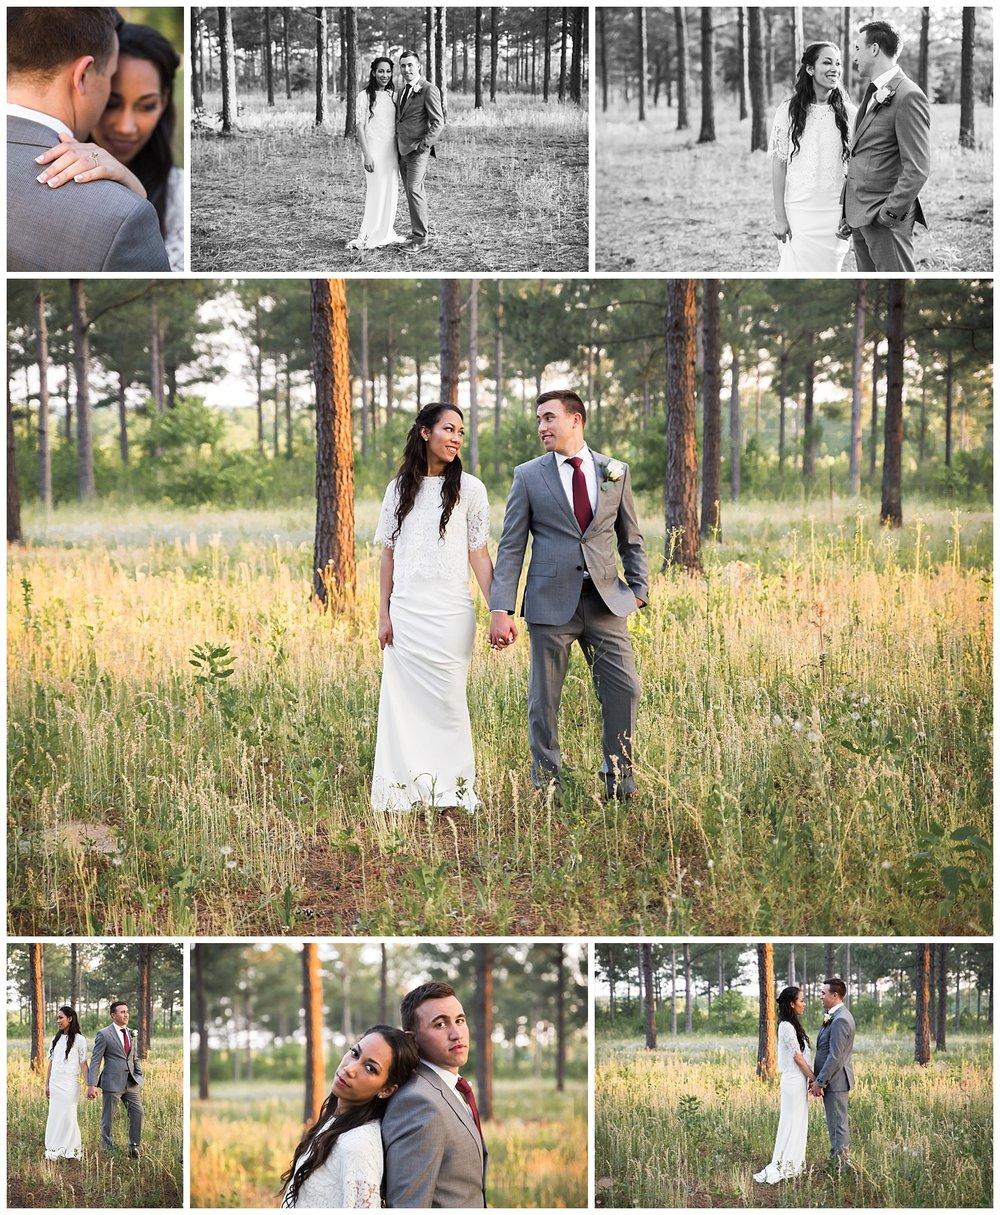 auburn alabama wedding photographer lauren beesley